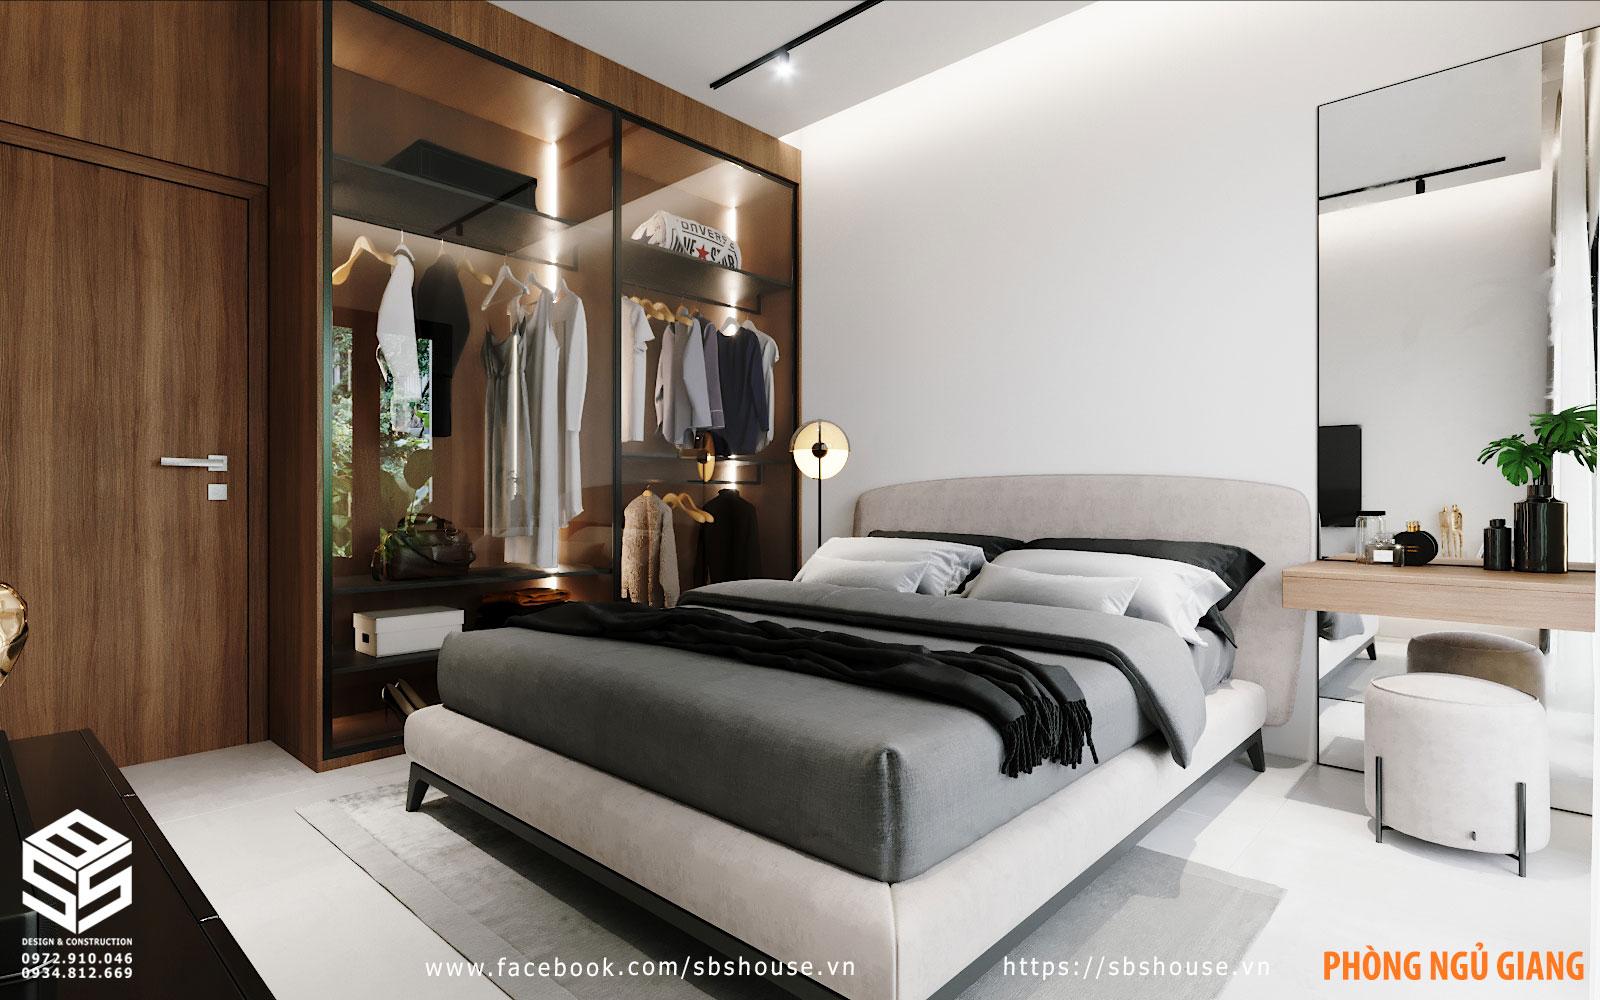 Mẫu phòng ngủ hiện đại sang trọng